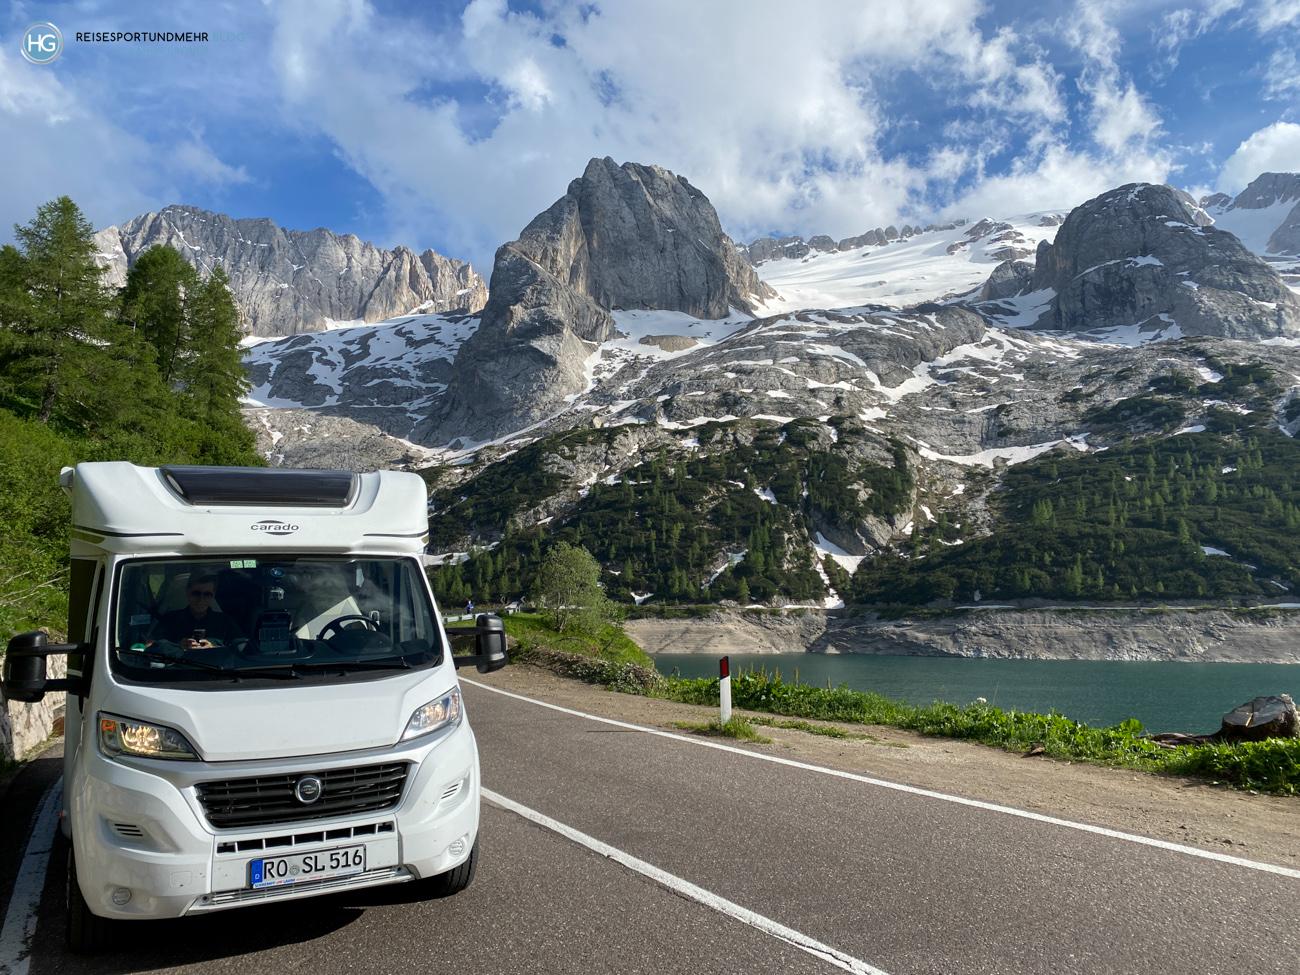 Südtirol 2021 - Marmolada (Foto: Hanns Gröner)